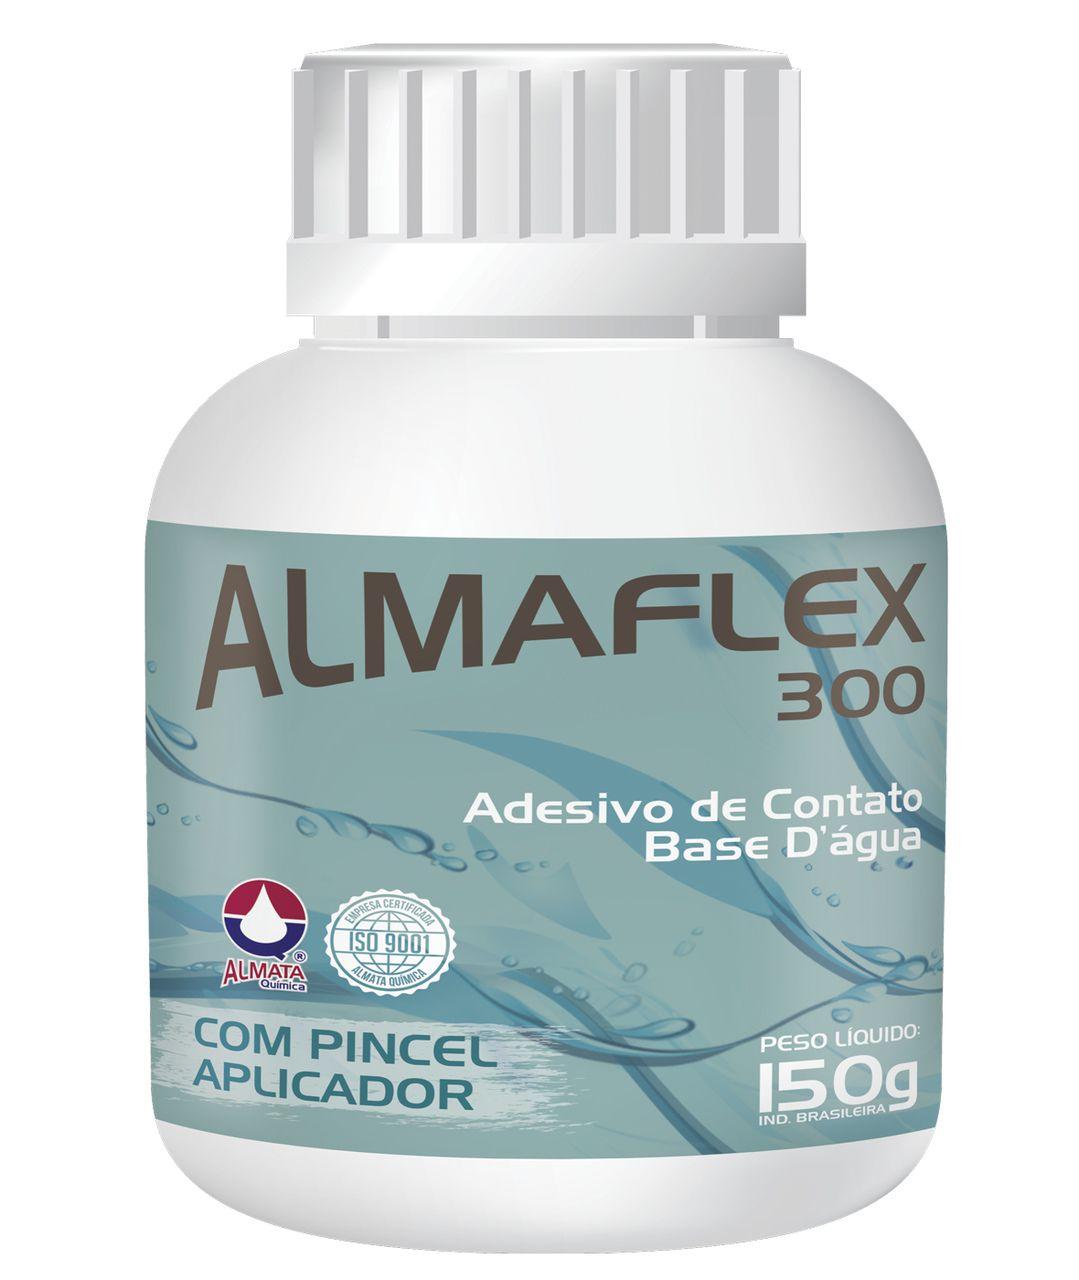 Cola ALMAFLEX 300 Adesivo de Contato 150 gramas